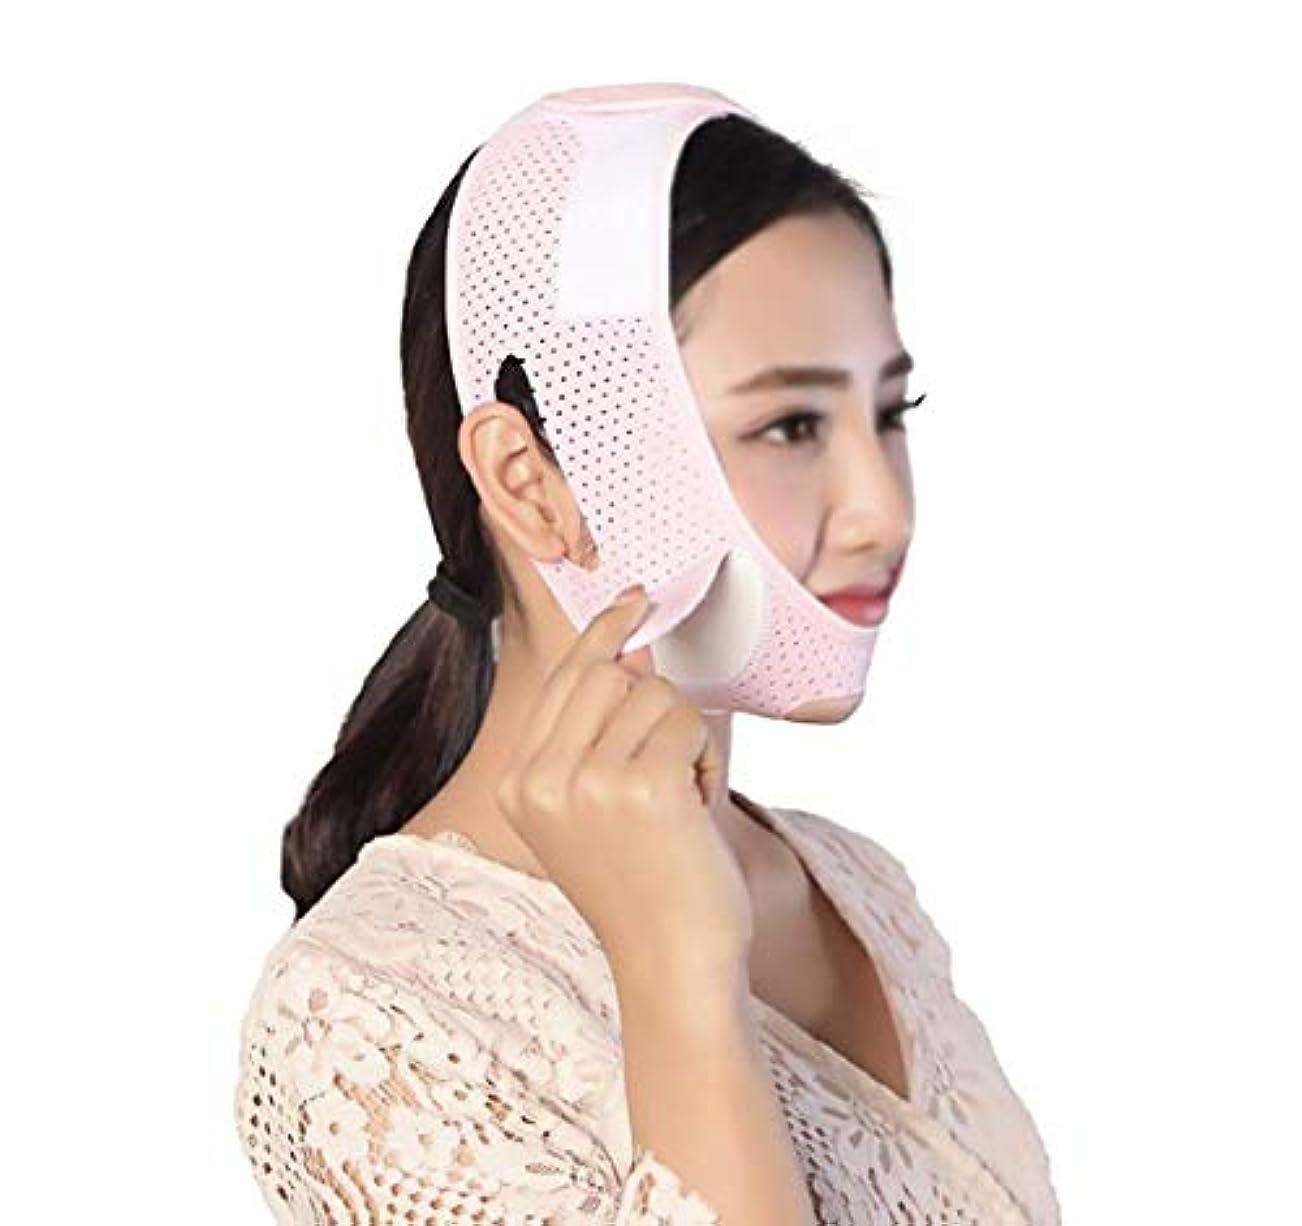 抑止する窒素回転する顔と首を持ち上げる術後弾性セットVフェイスマスクは、チンVのアーティファクト回復サポートベルトの収縮の調整を強化します